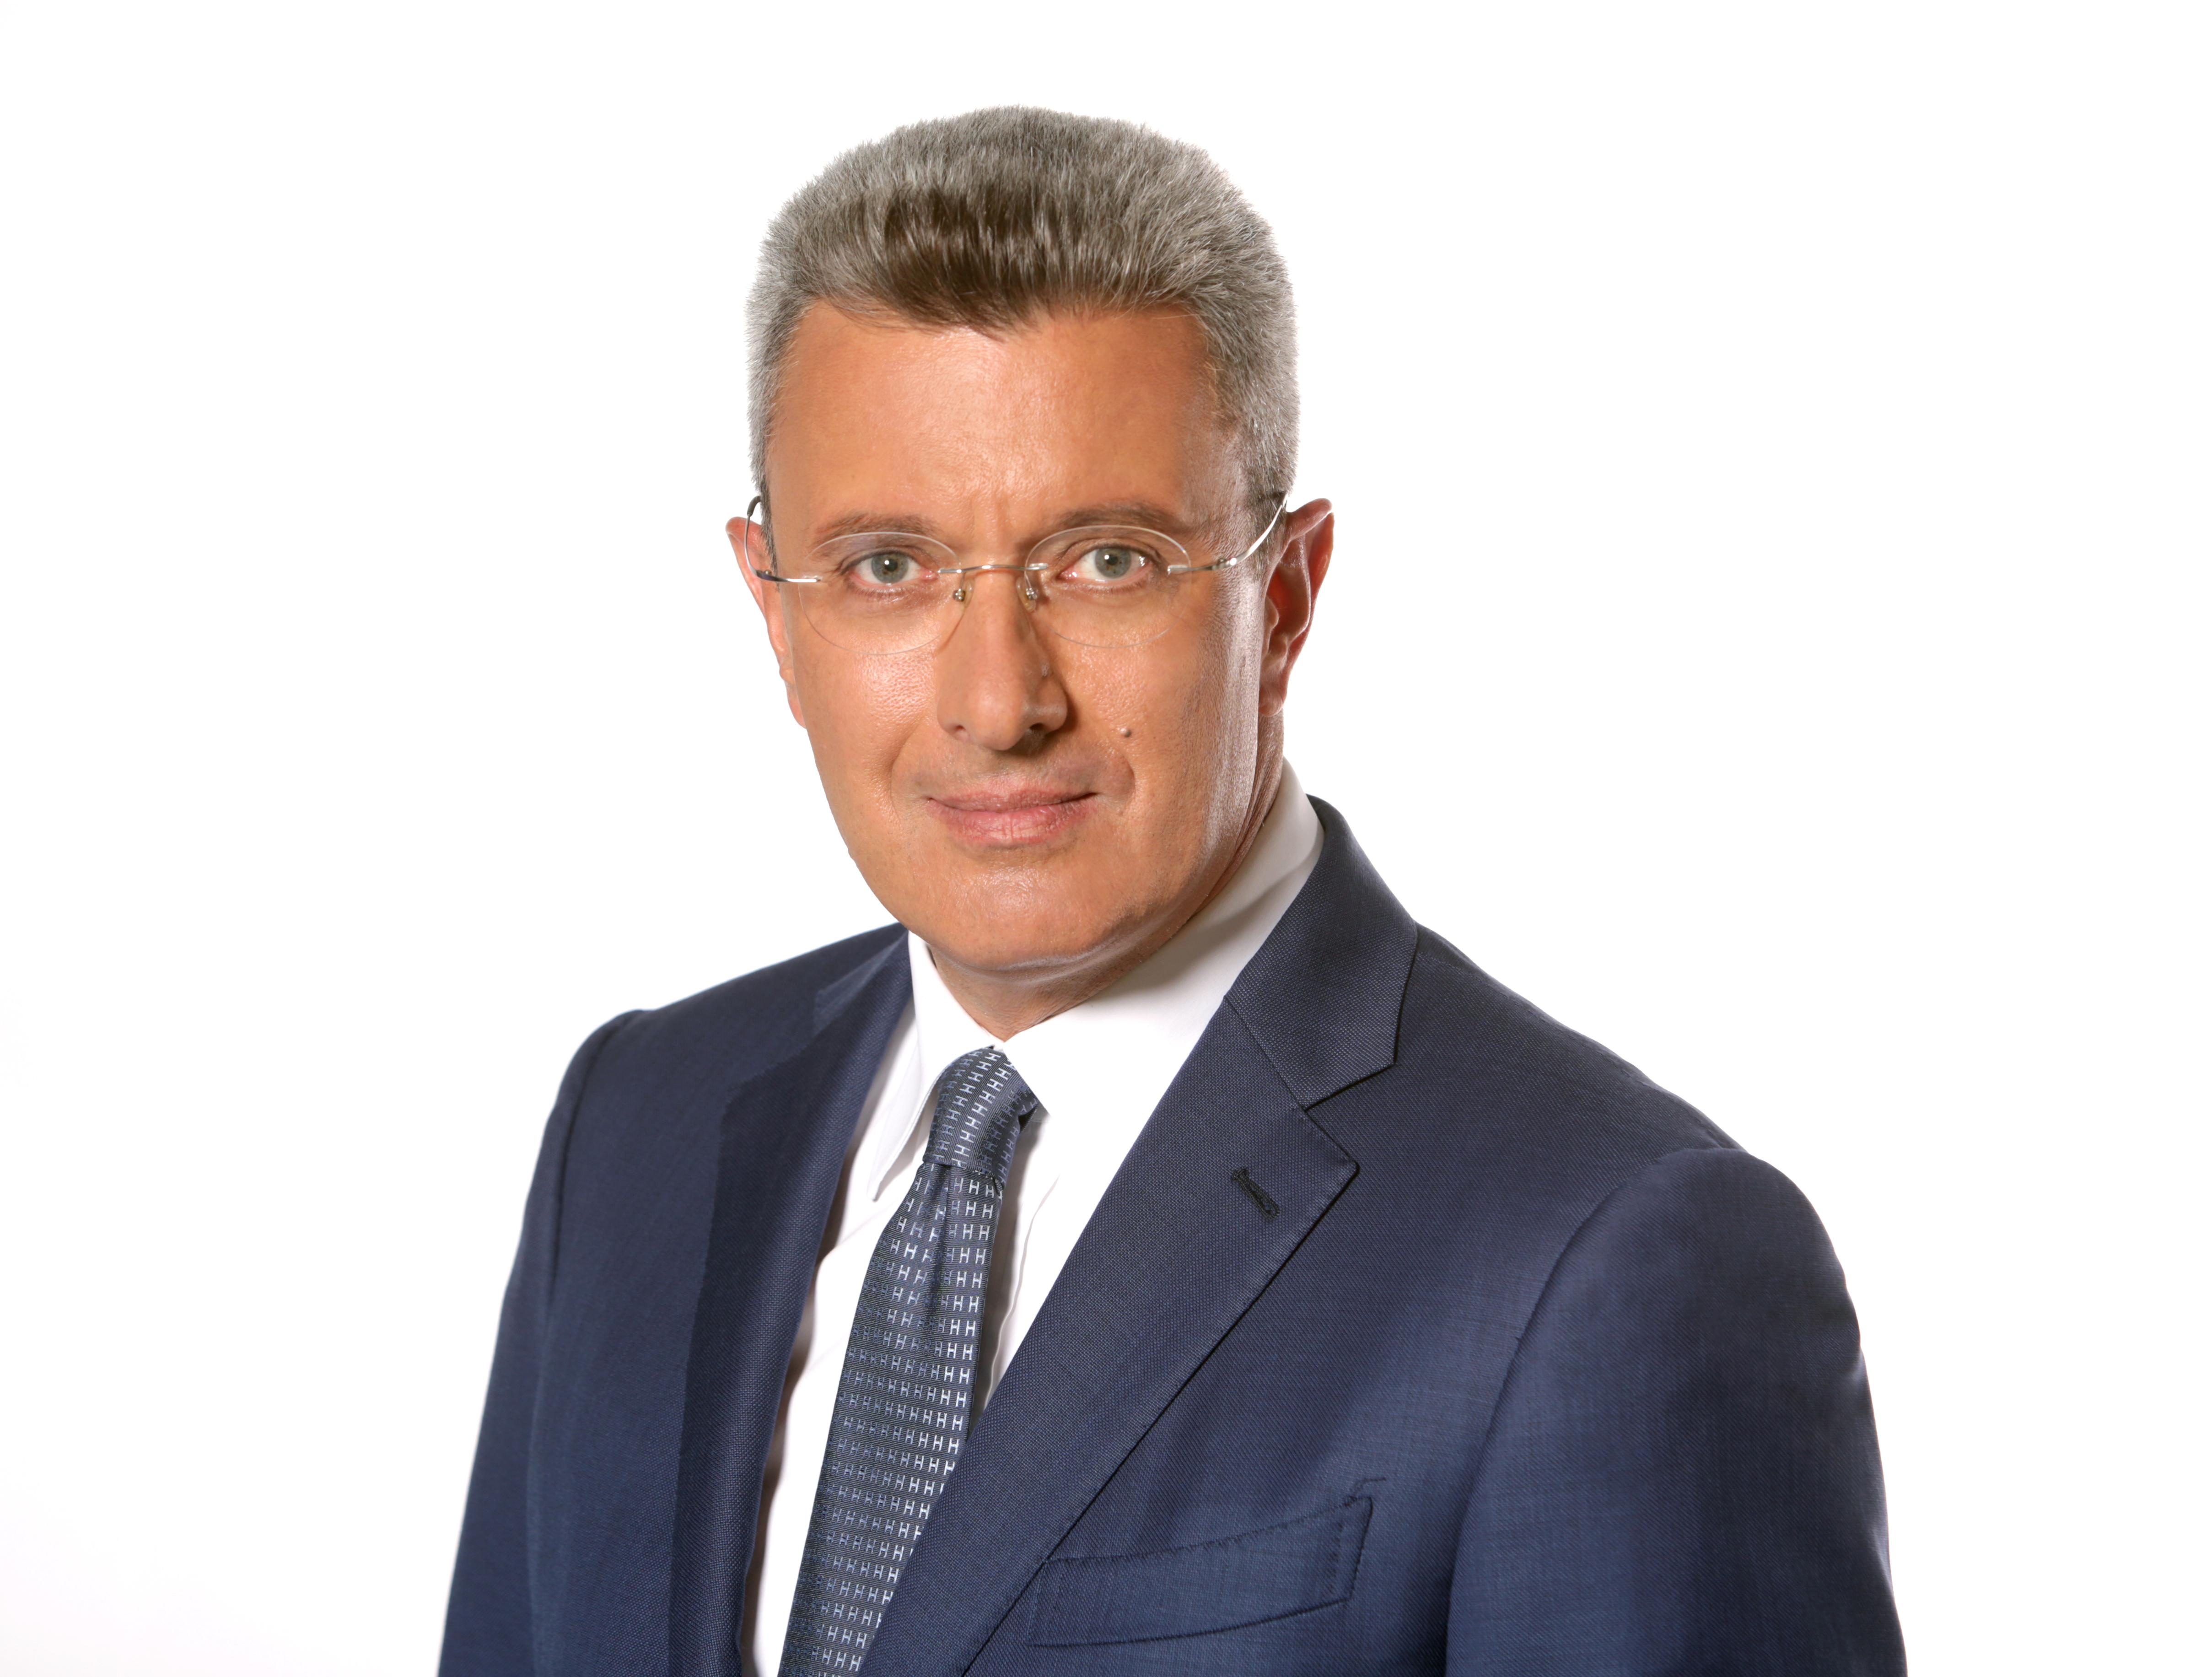 Ο Νίκος Χατζηνικολάου μένει στον ΑΝΤ1